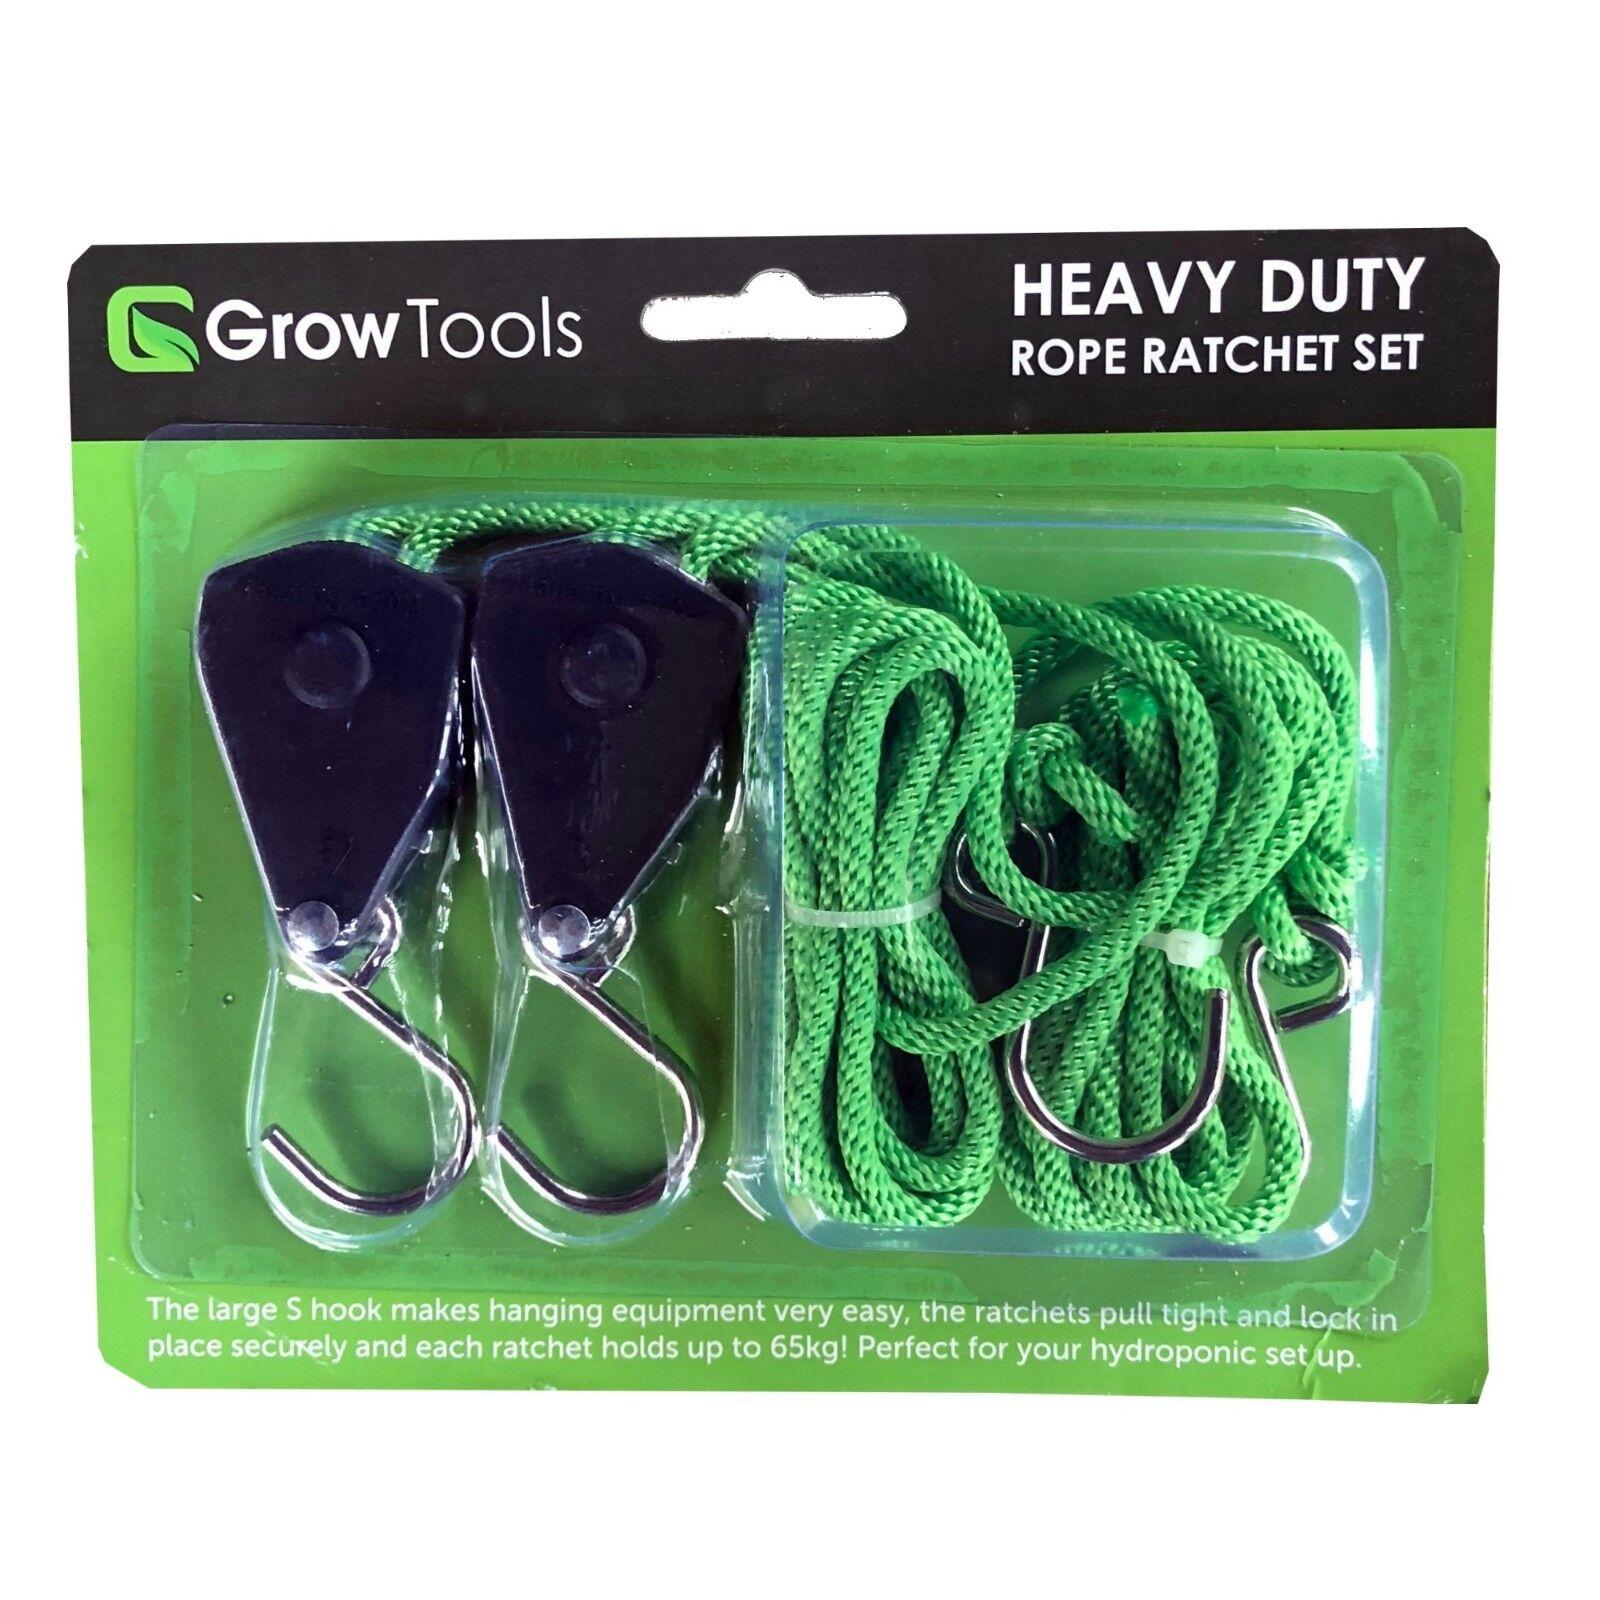 Heavy Duty Rope Ratchet